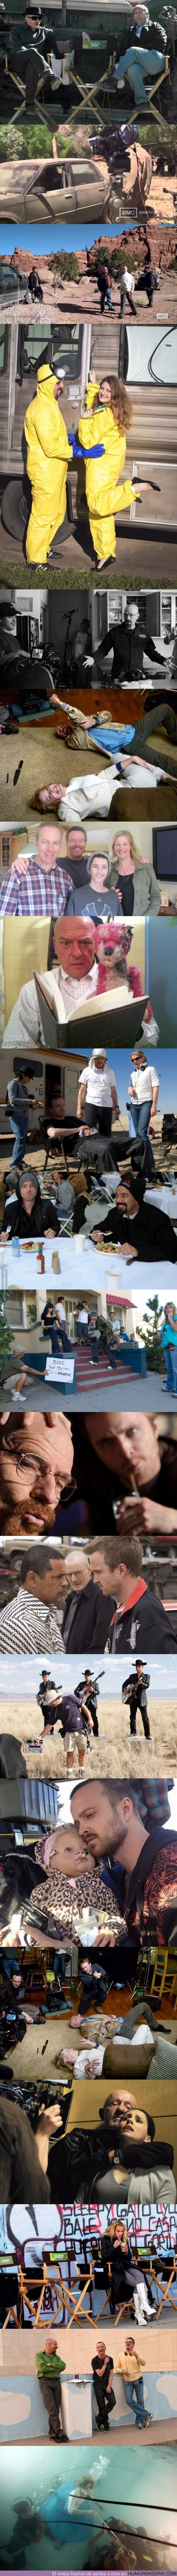 16882 - Tenemos imágenes inéditas del rodaje de Breaking Bad y algunas son muy divertidas